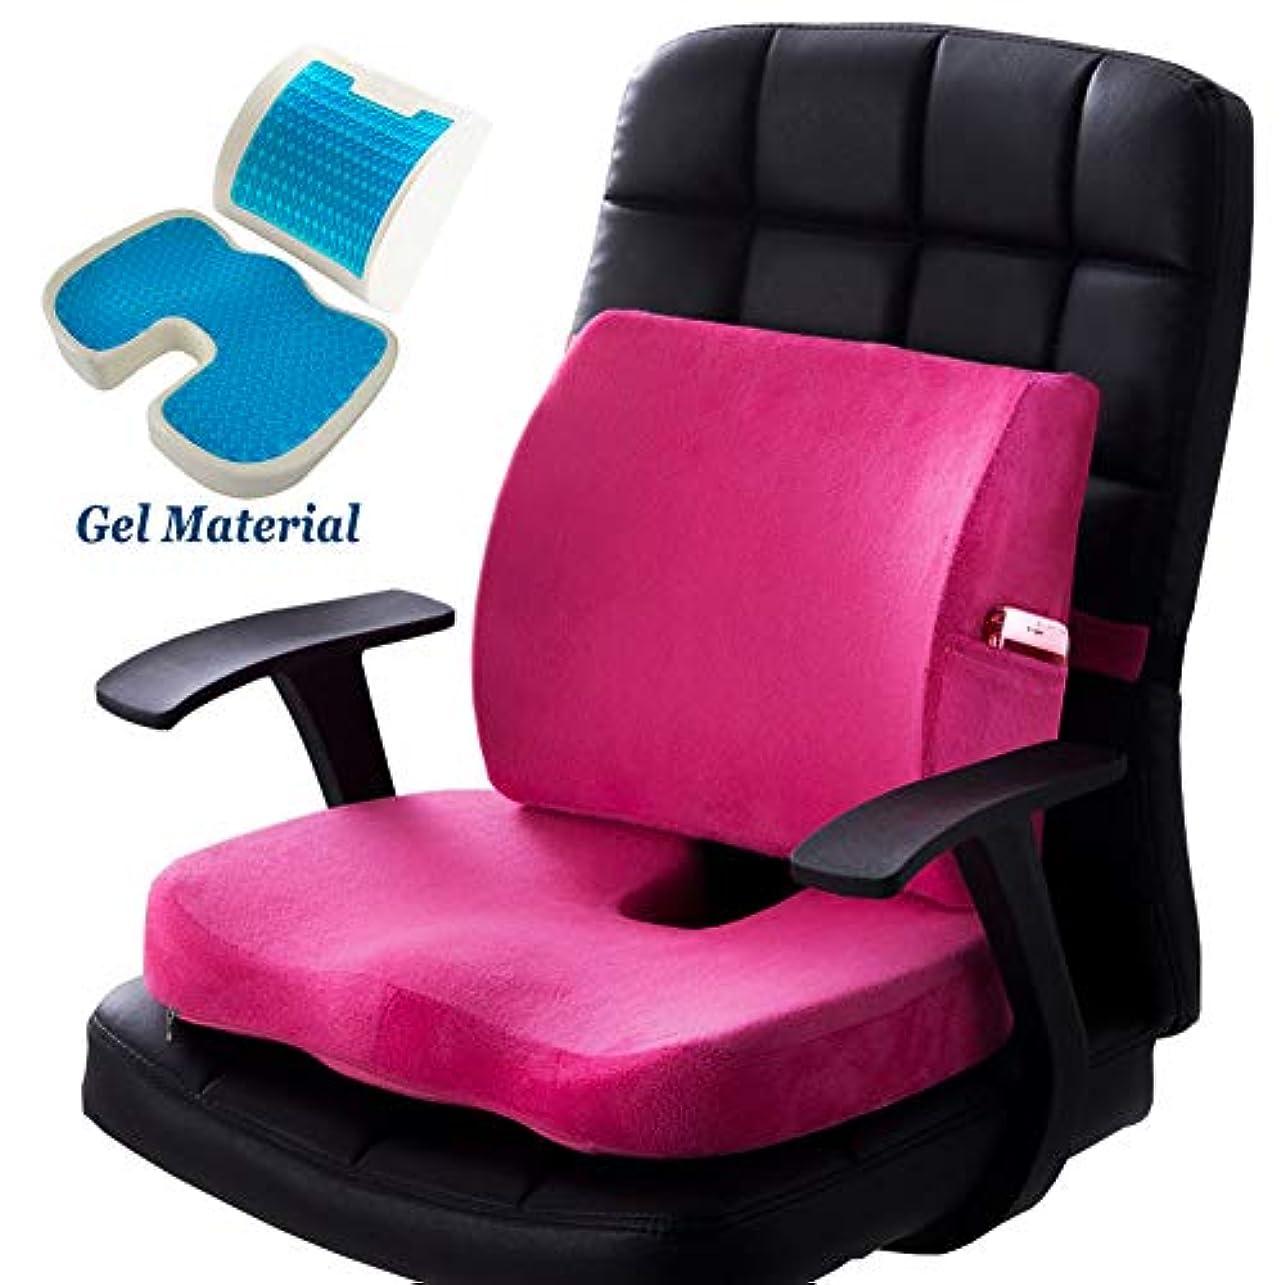 メンバー死傷者マンモスシートクッションと腰用クッションセット,ファッション低反発フォーム/ジェルサポートバッククッション、洗えるカバー、坐骨神経痛の痛みを軽減,PinkPlush,Gel